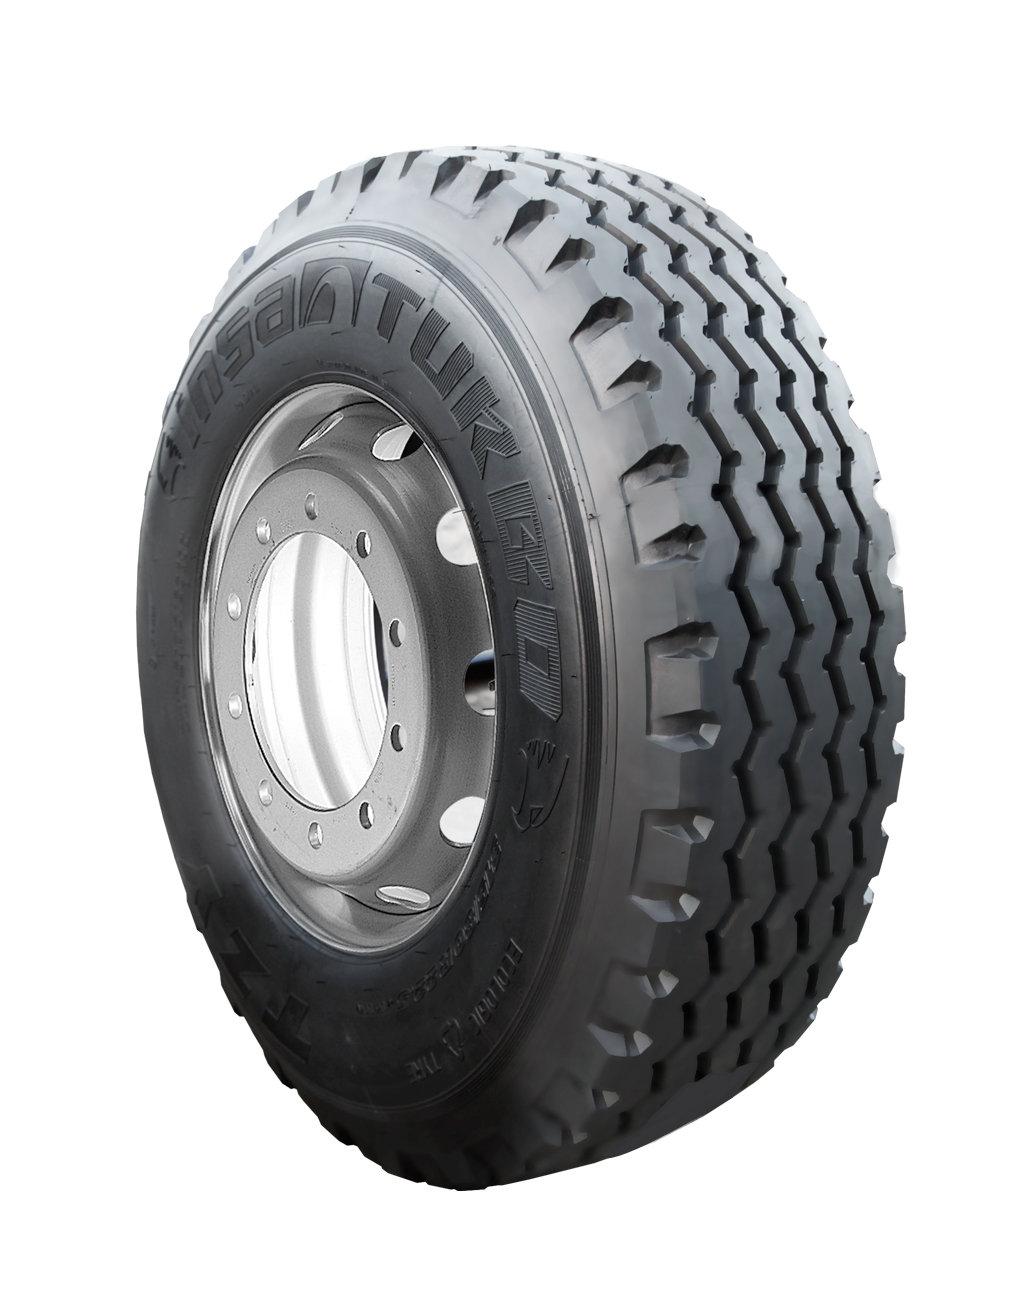 Neumático INSA TURBO VARIOS 8.5/0R17.5 121 L